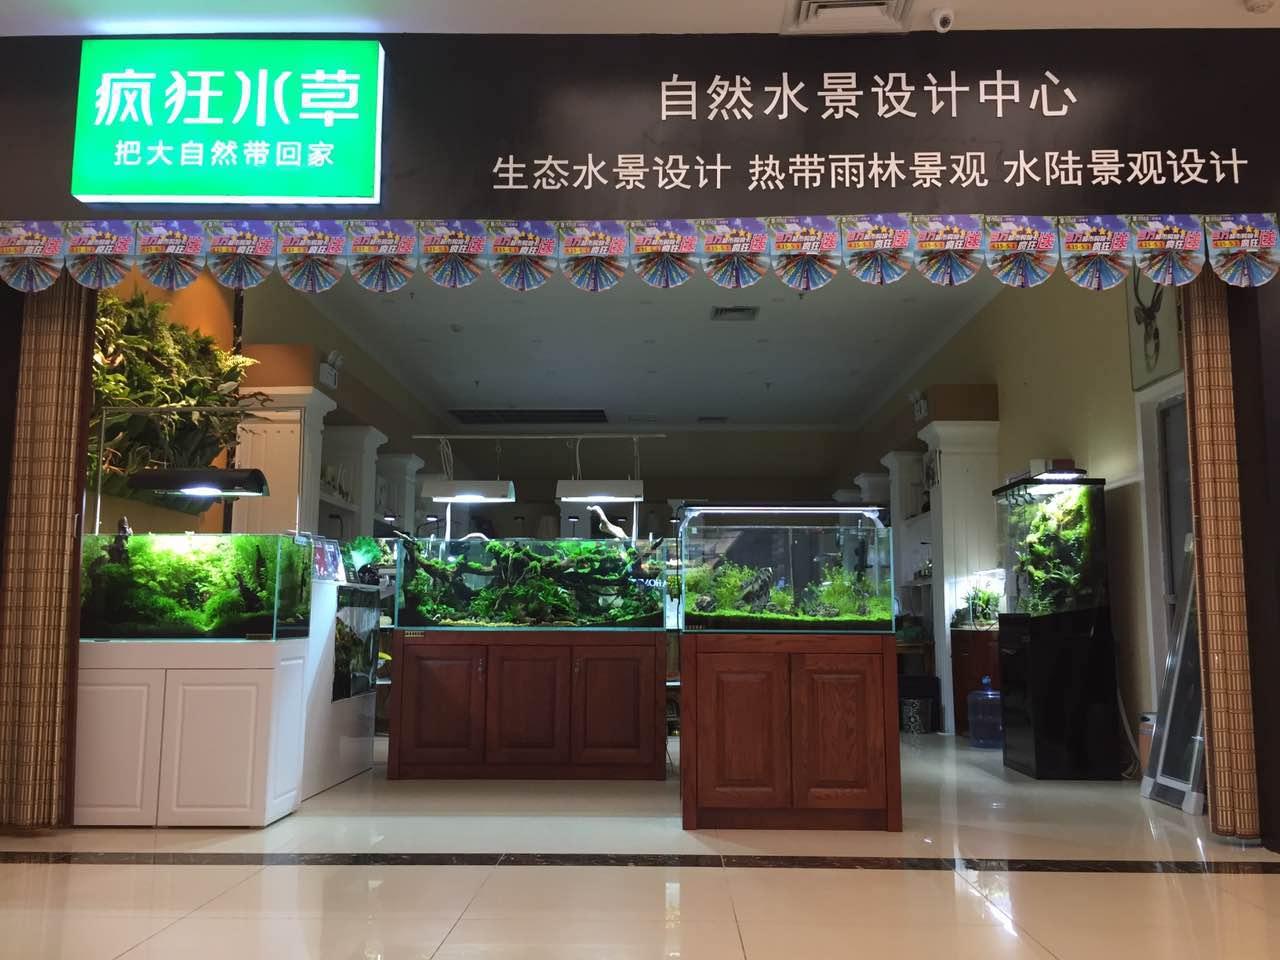 碧水风和碳化植物照明灯使用场景展示——邯郸老徐